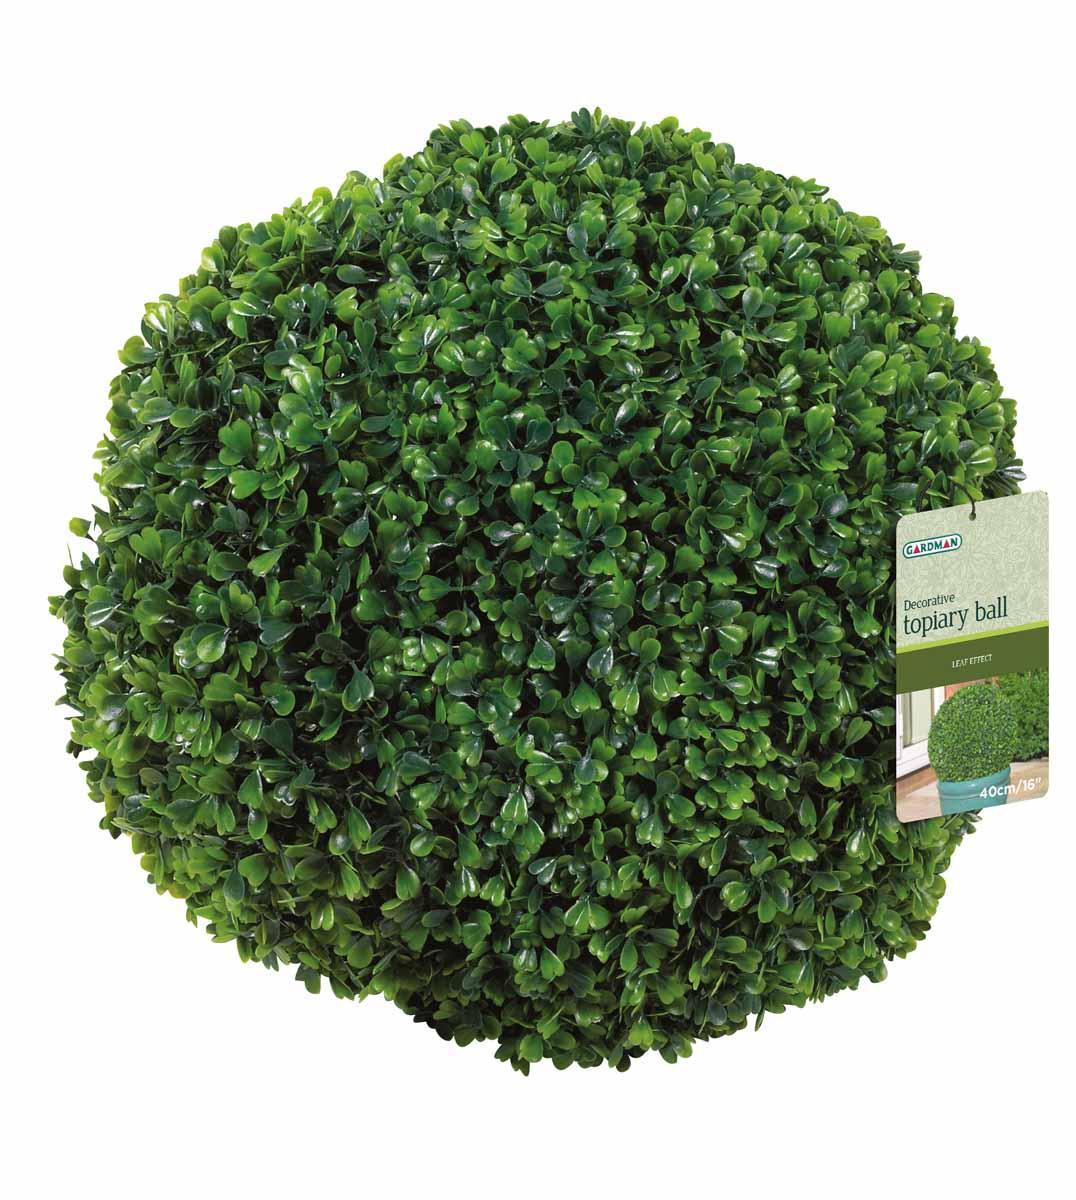 Искусственное растение Gardman Topiary Ball. Самшит, цвет: зеленый, диаметр 40 см790009Искусственное растение Gardman Topiary Ball выполнено из пластика в виде шара. Листья растения зеленого цвета имитируют самшит. К растению прикреплены три цепочки с крючком, за который его можно повесить в любое место. Также растение можно поместить в горшок. Растение устойчиво к воздействиям внешней среды, таким как влажность, солнце, перепады температуры, не выцветает со временем. Искусственное растение Gardman Topiary Ball великолепно украсит интерьер офиса, дома или сада.Характеристики:Материал: пластик, металл. Цвет: зеленый. Диаметр шара: 40 см. Длина цепочек с крючком: 30 см.